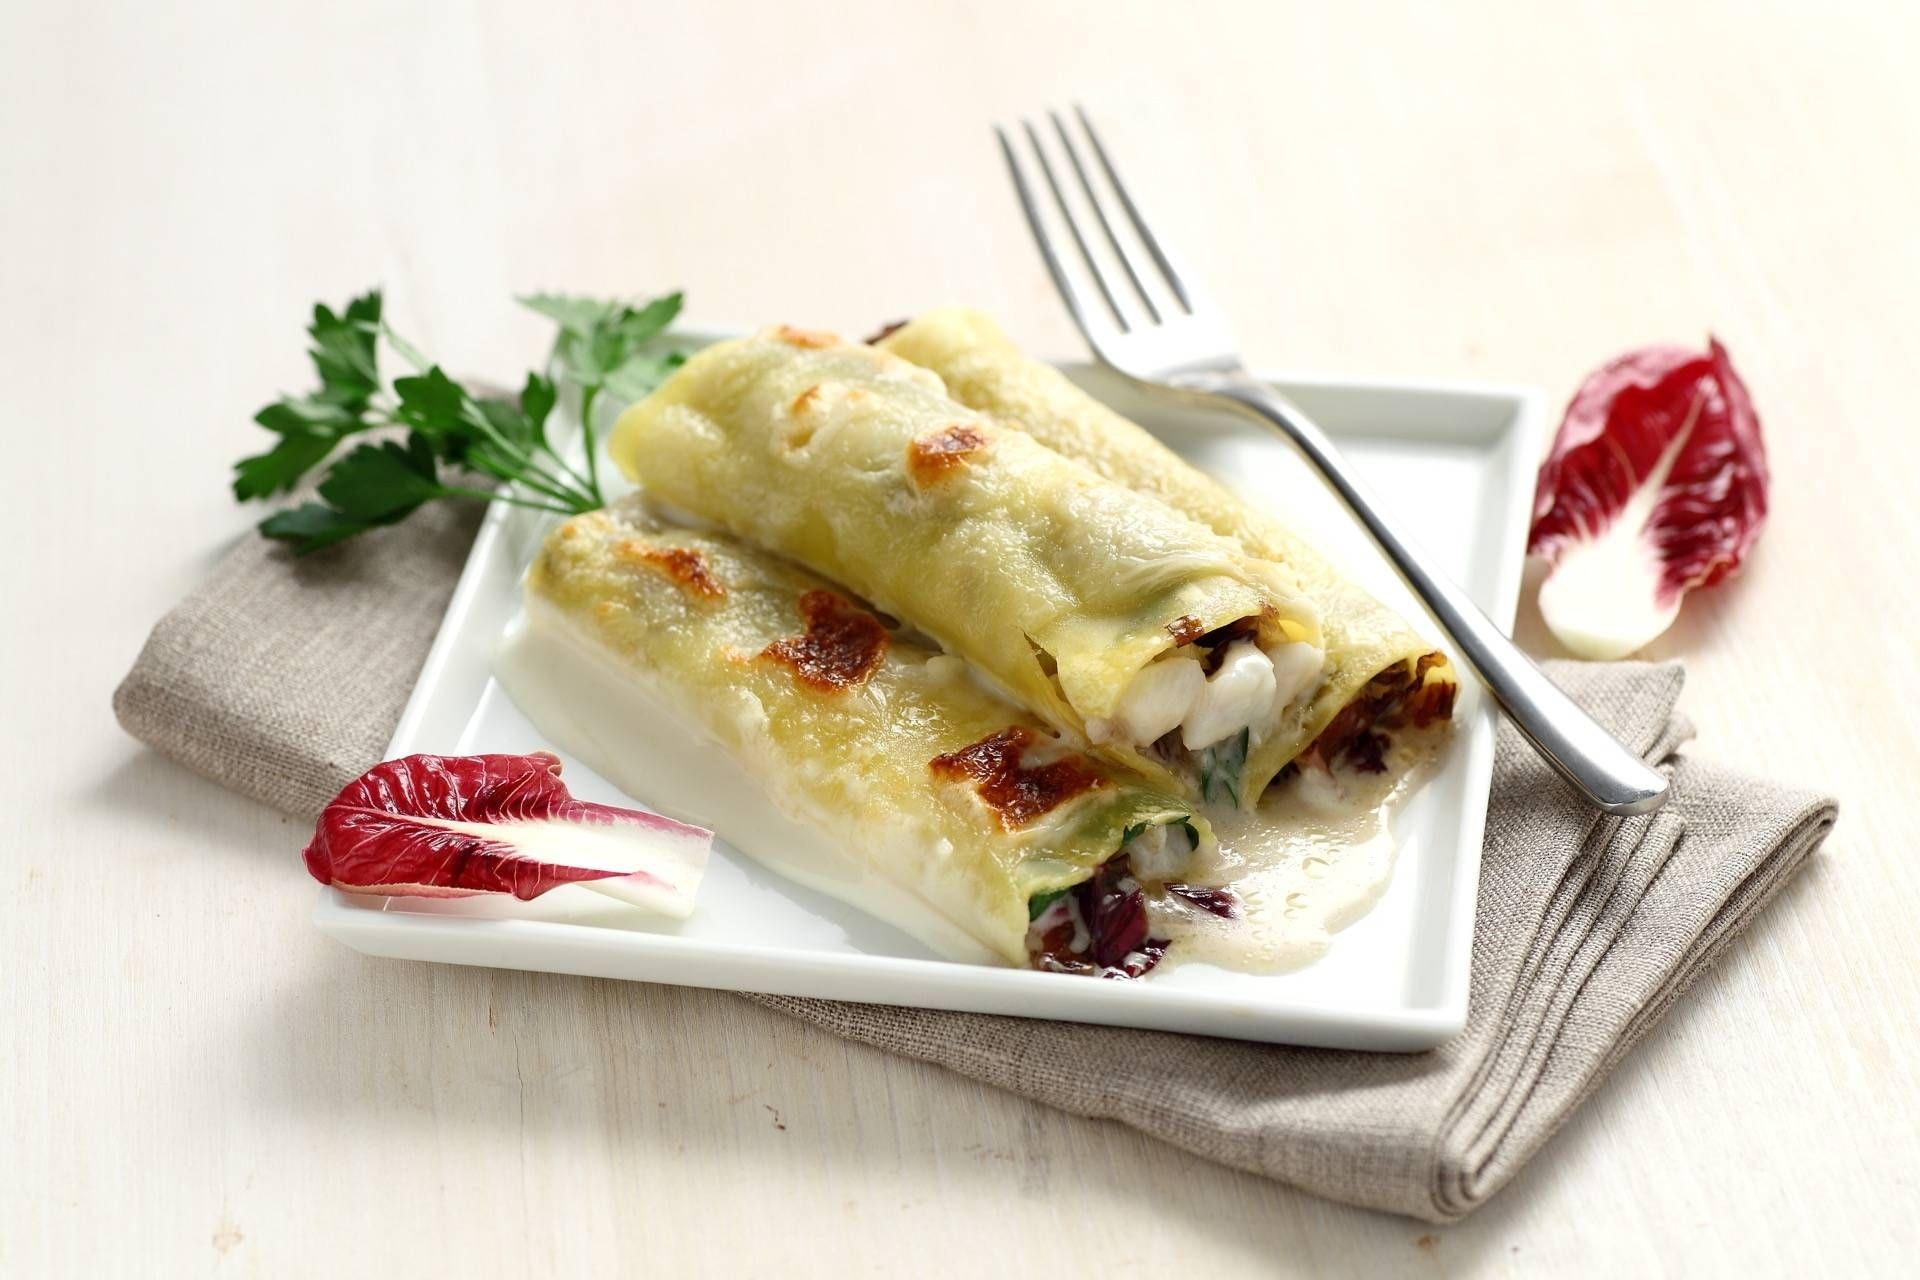 Cannelloni con baccalà e radicchio - Parmalat